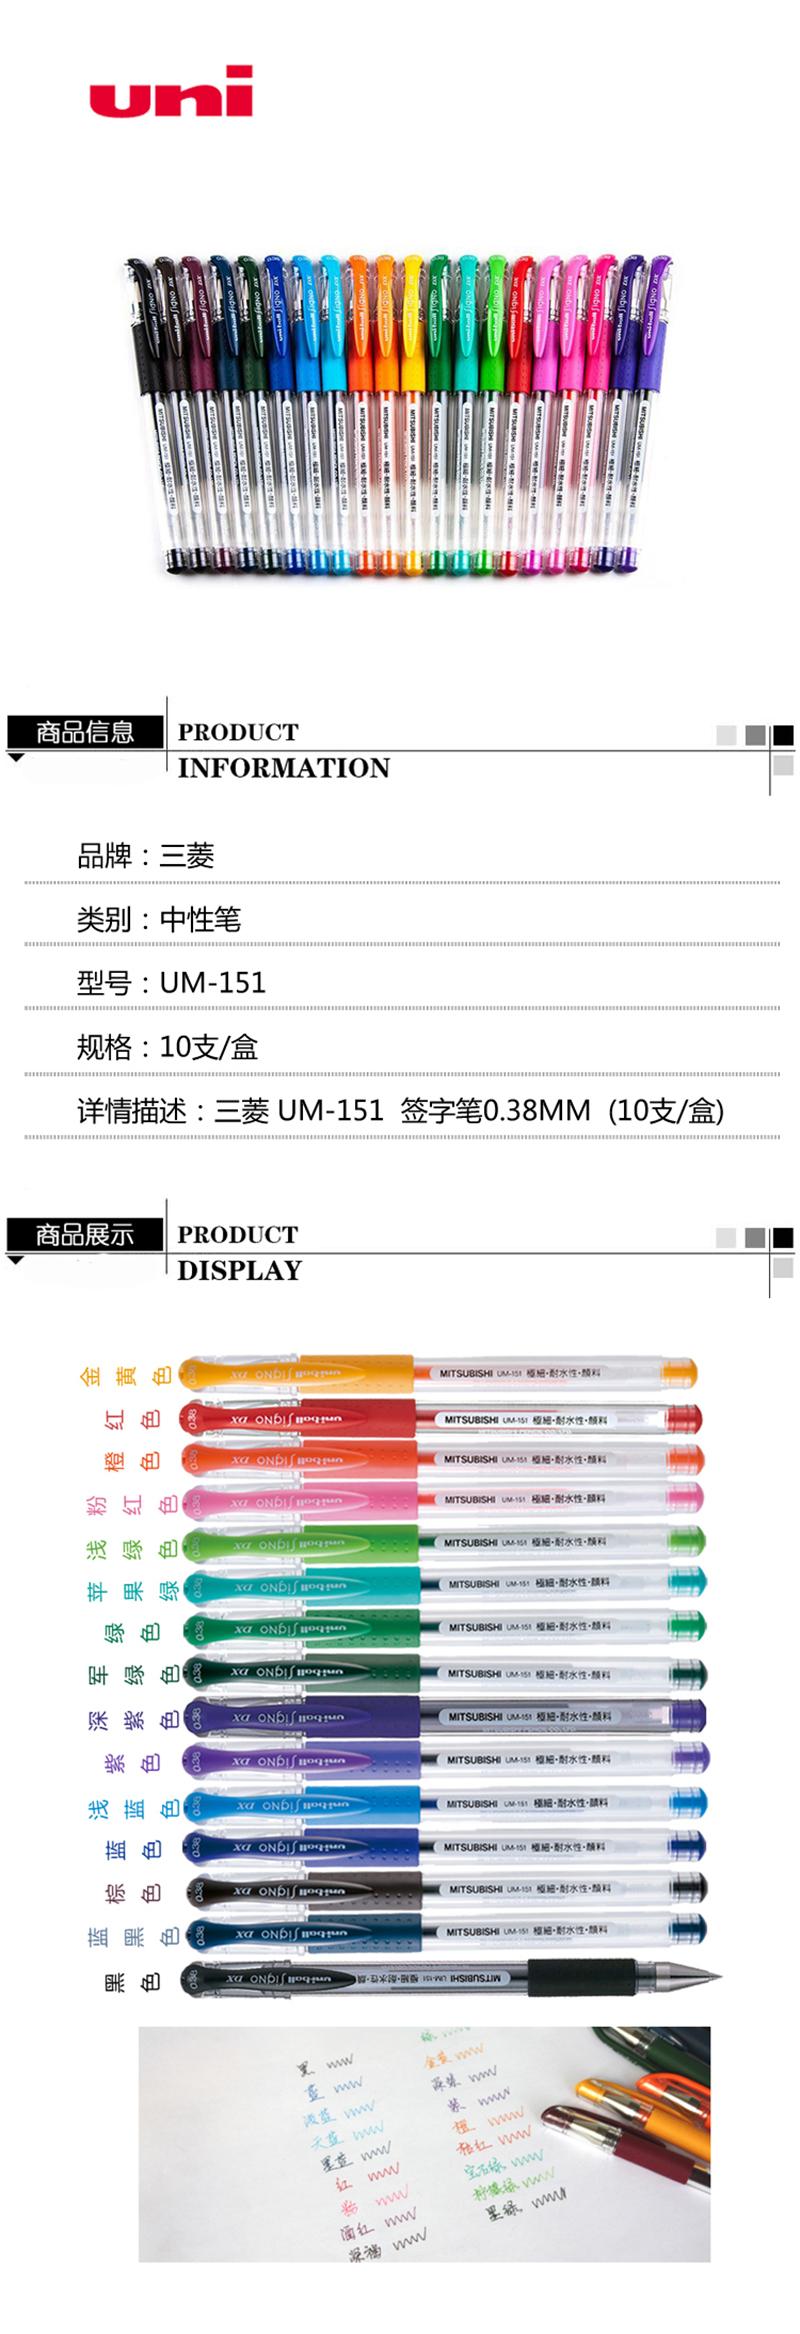 三菱 UM-151 财务用笔0.38M学生用中性签字笔蓝色(替芯URM-1)蓝色 10支装